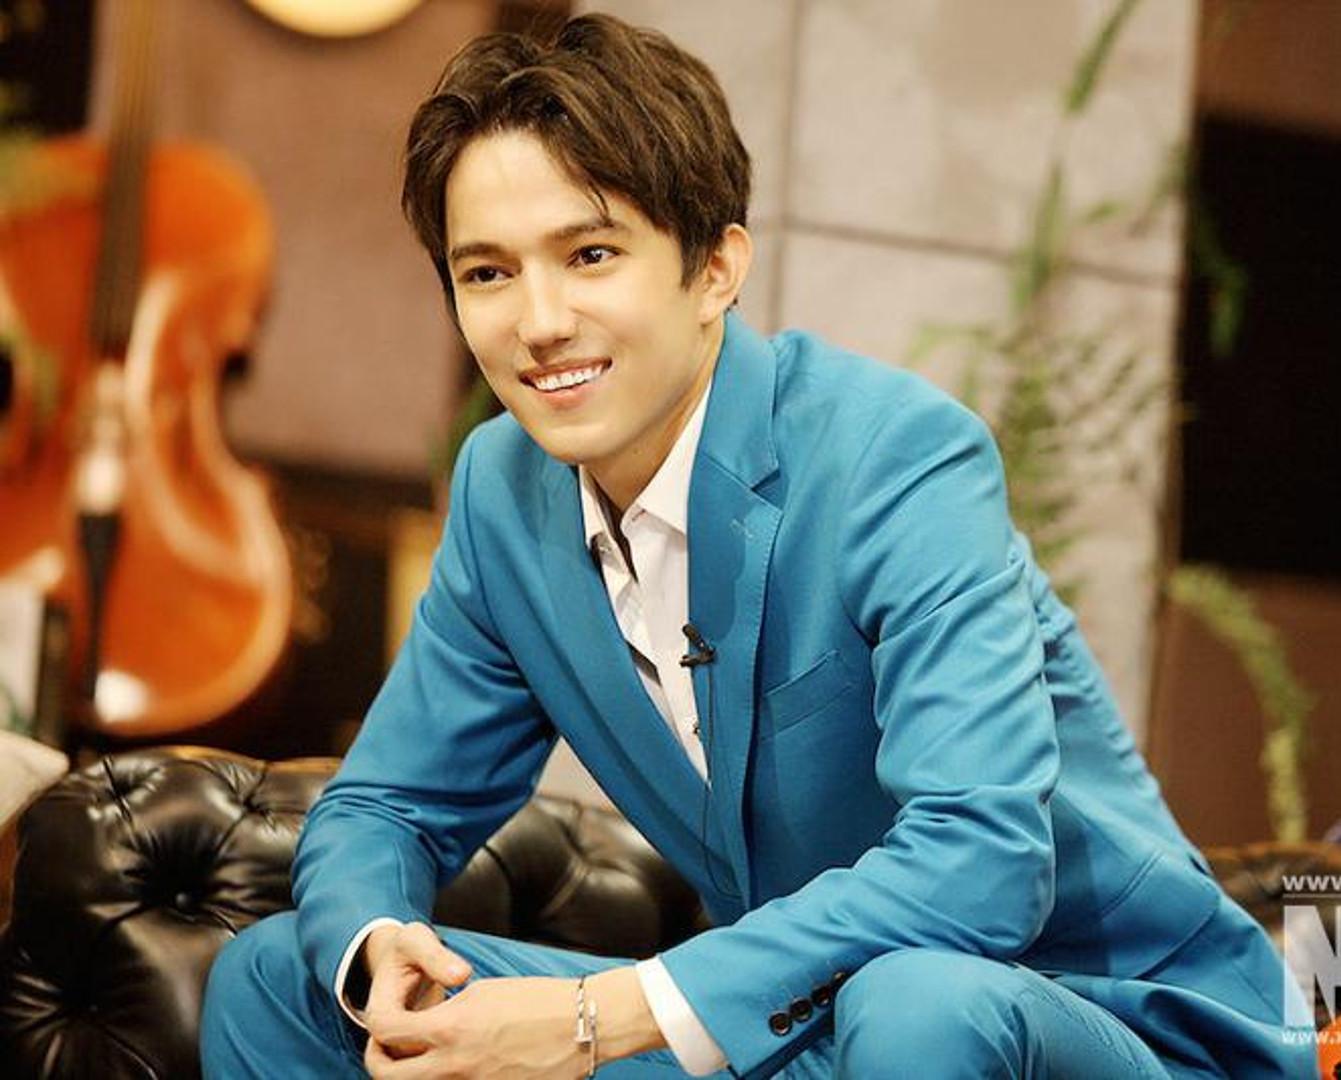 Гендиректор HUNAN TV: Мы восхищены талантом Димаша